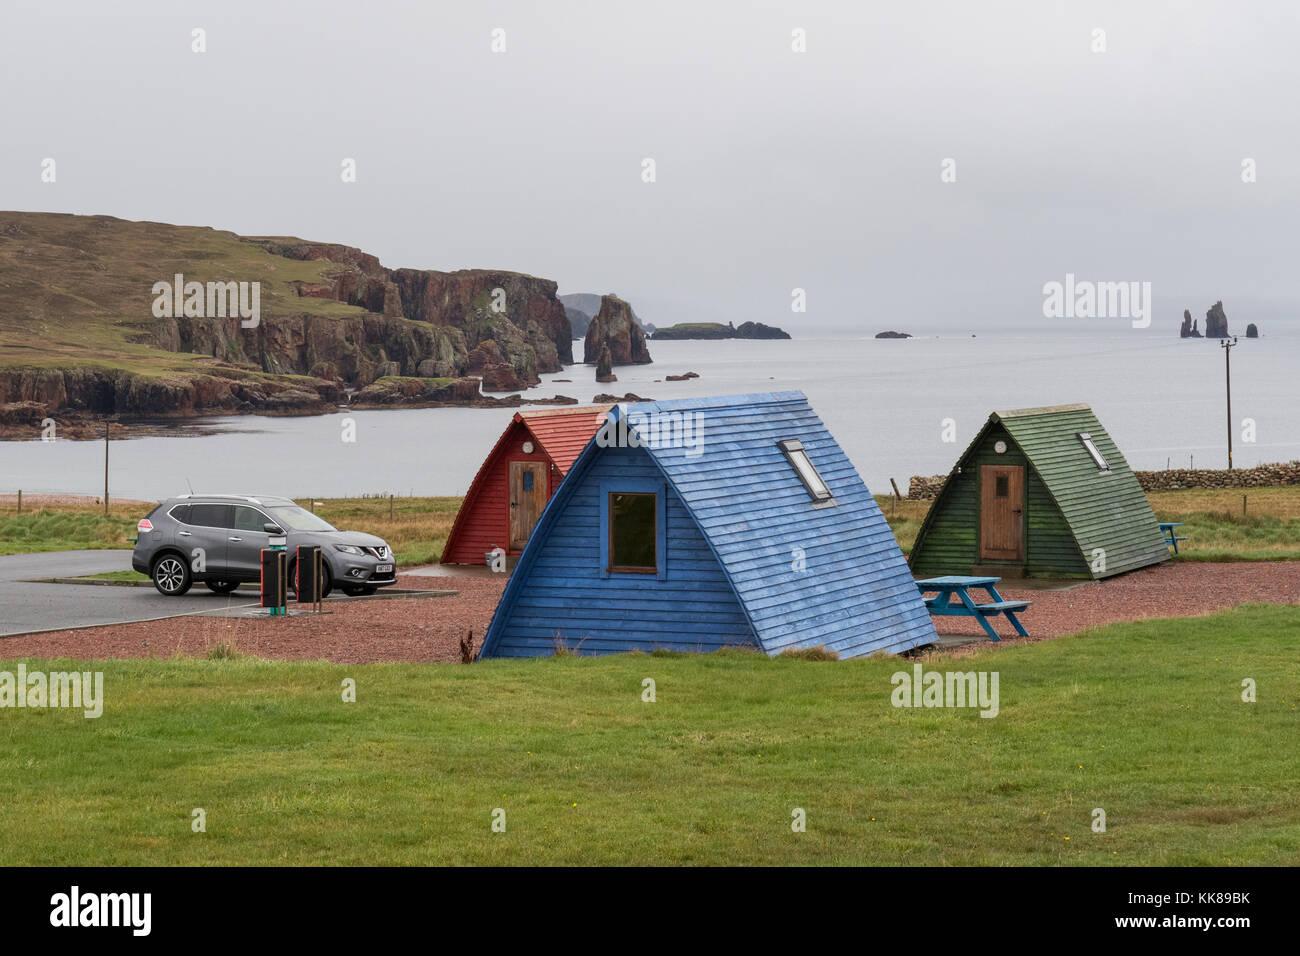 Con vistas a la bahía Braewick wigwams de madera en camping, Eshaness Braewick cafe, Shetland, Escocia Imagen De Stock